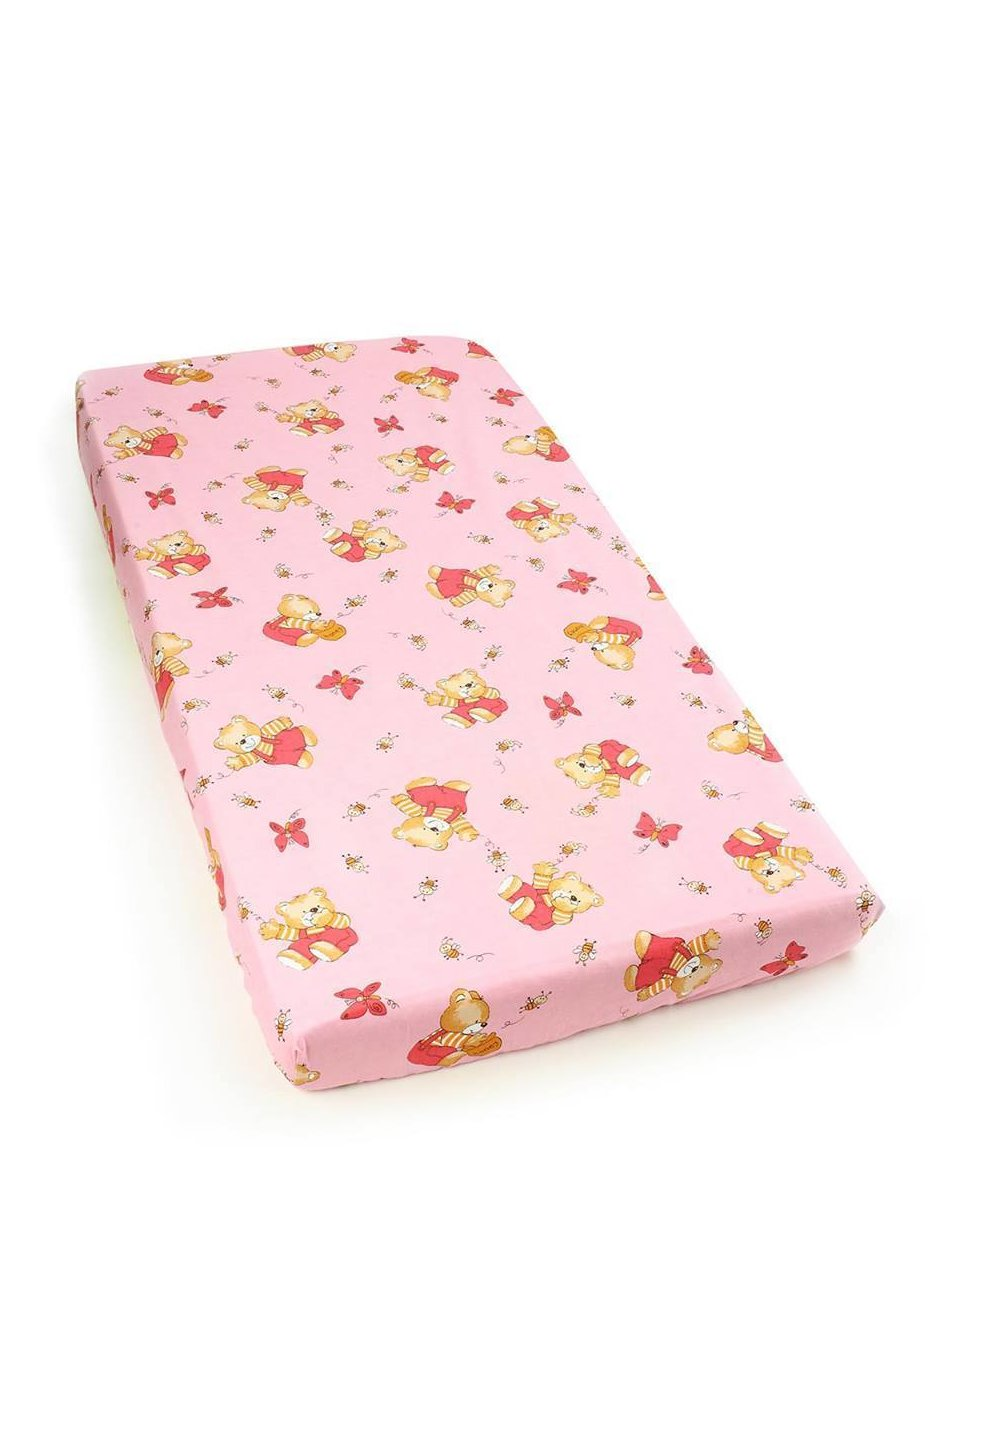 Cearceaf bumbac cu elastic, roz, ursuletul si albinutele imagine